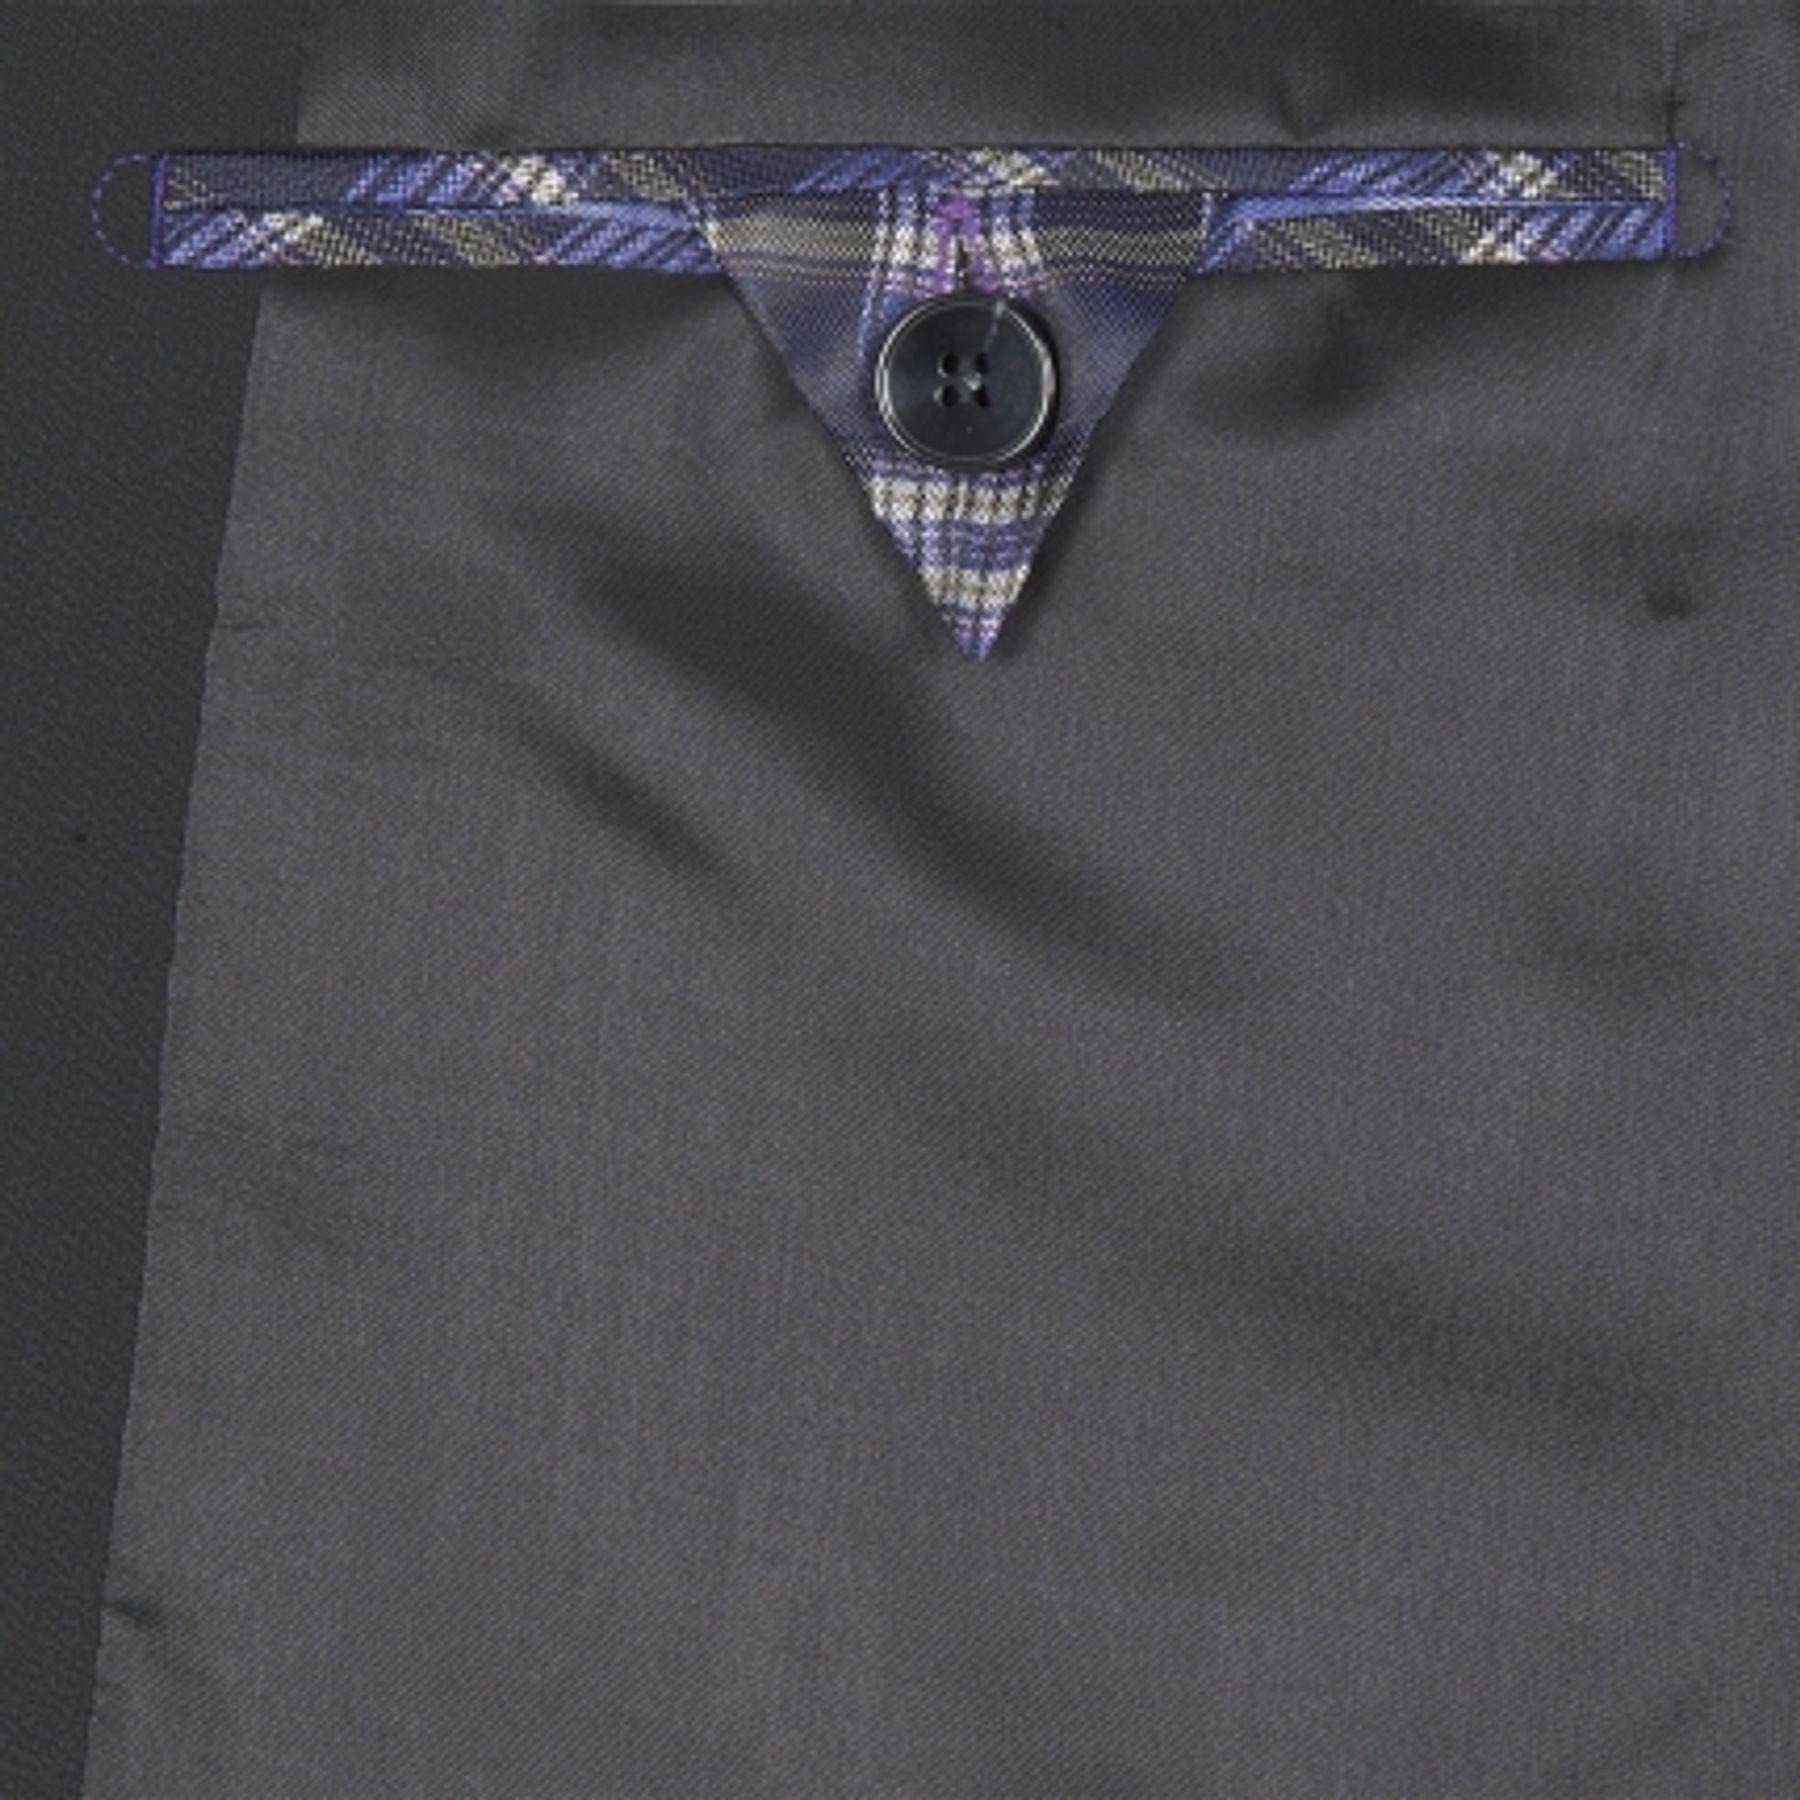 Benvenuto Purple - Slim Fit - Herren Baukasten Sakko für Jungen Trend-Anzug mit sehr schlankem Schnitt in verschiedenen Farben, Adonis (20657, Modell: 61283) – Bild 3